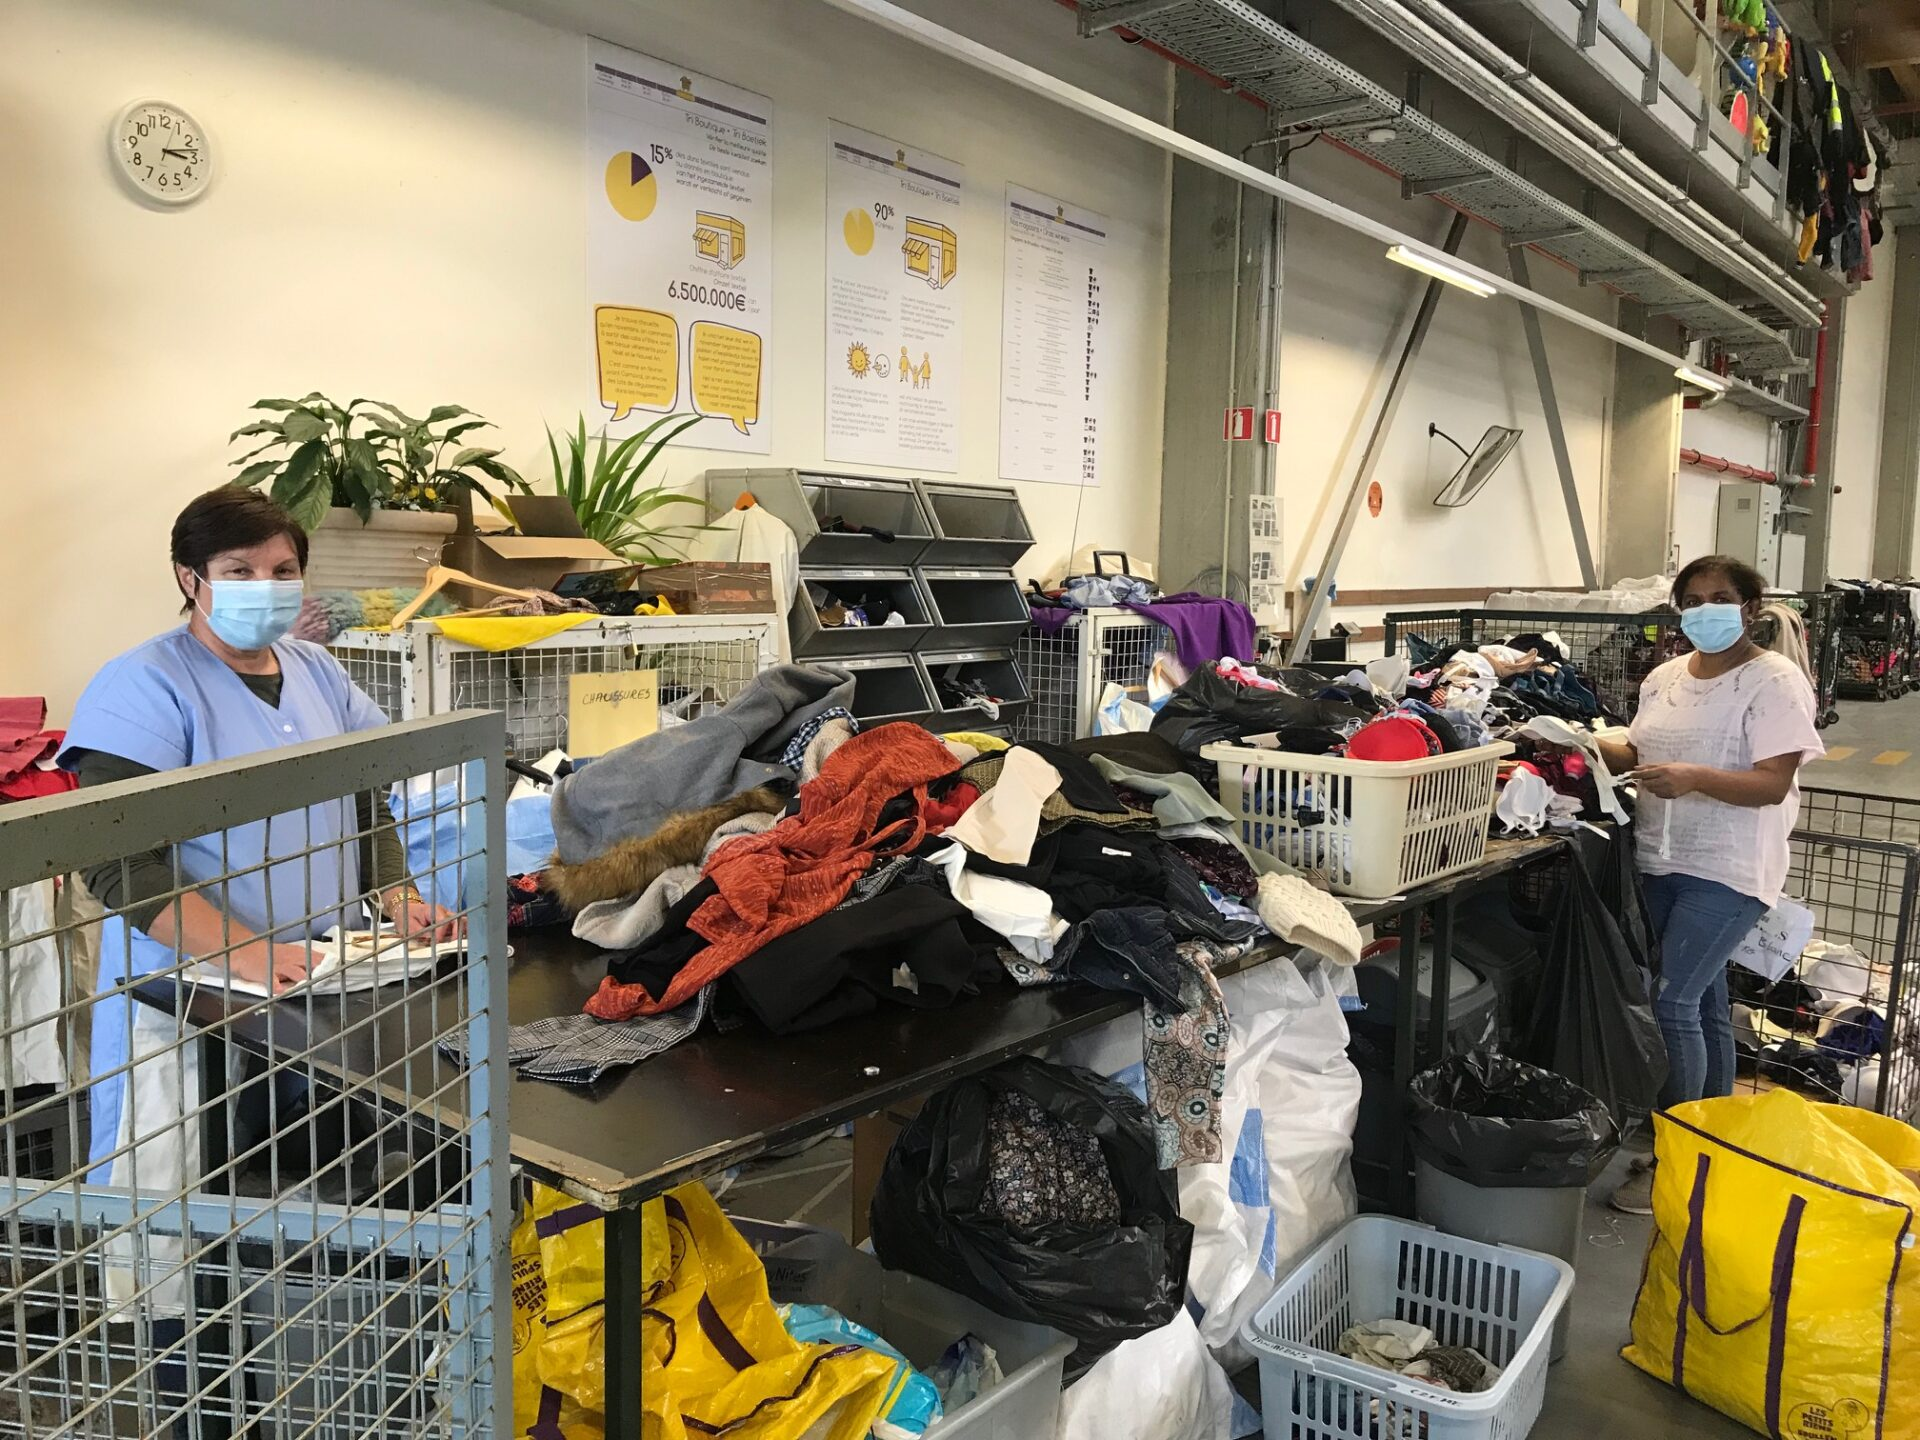 Hervatting van de activiteit in het sorteercentrum van Spullenhulp